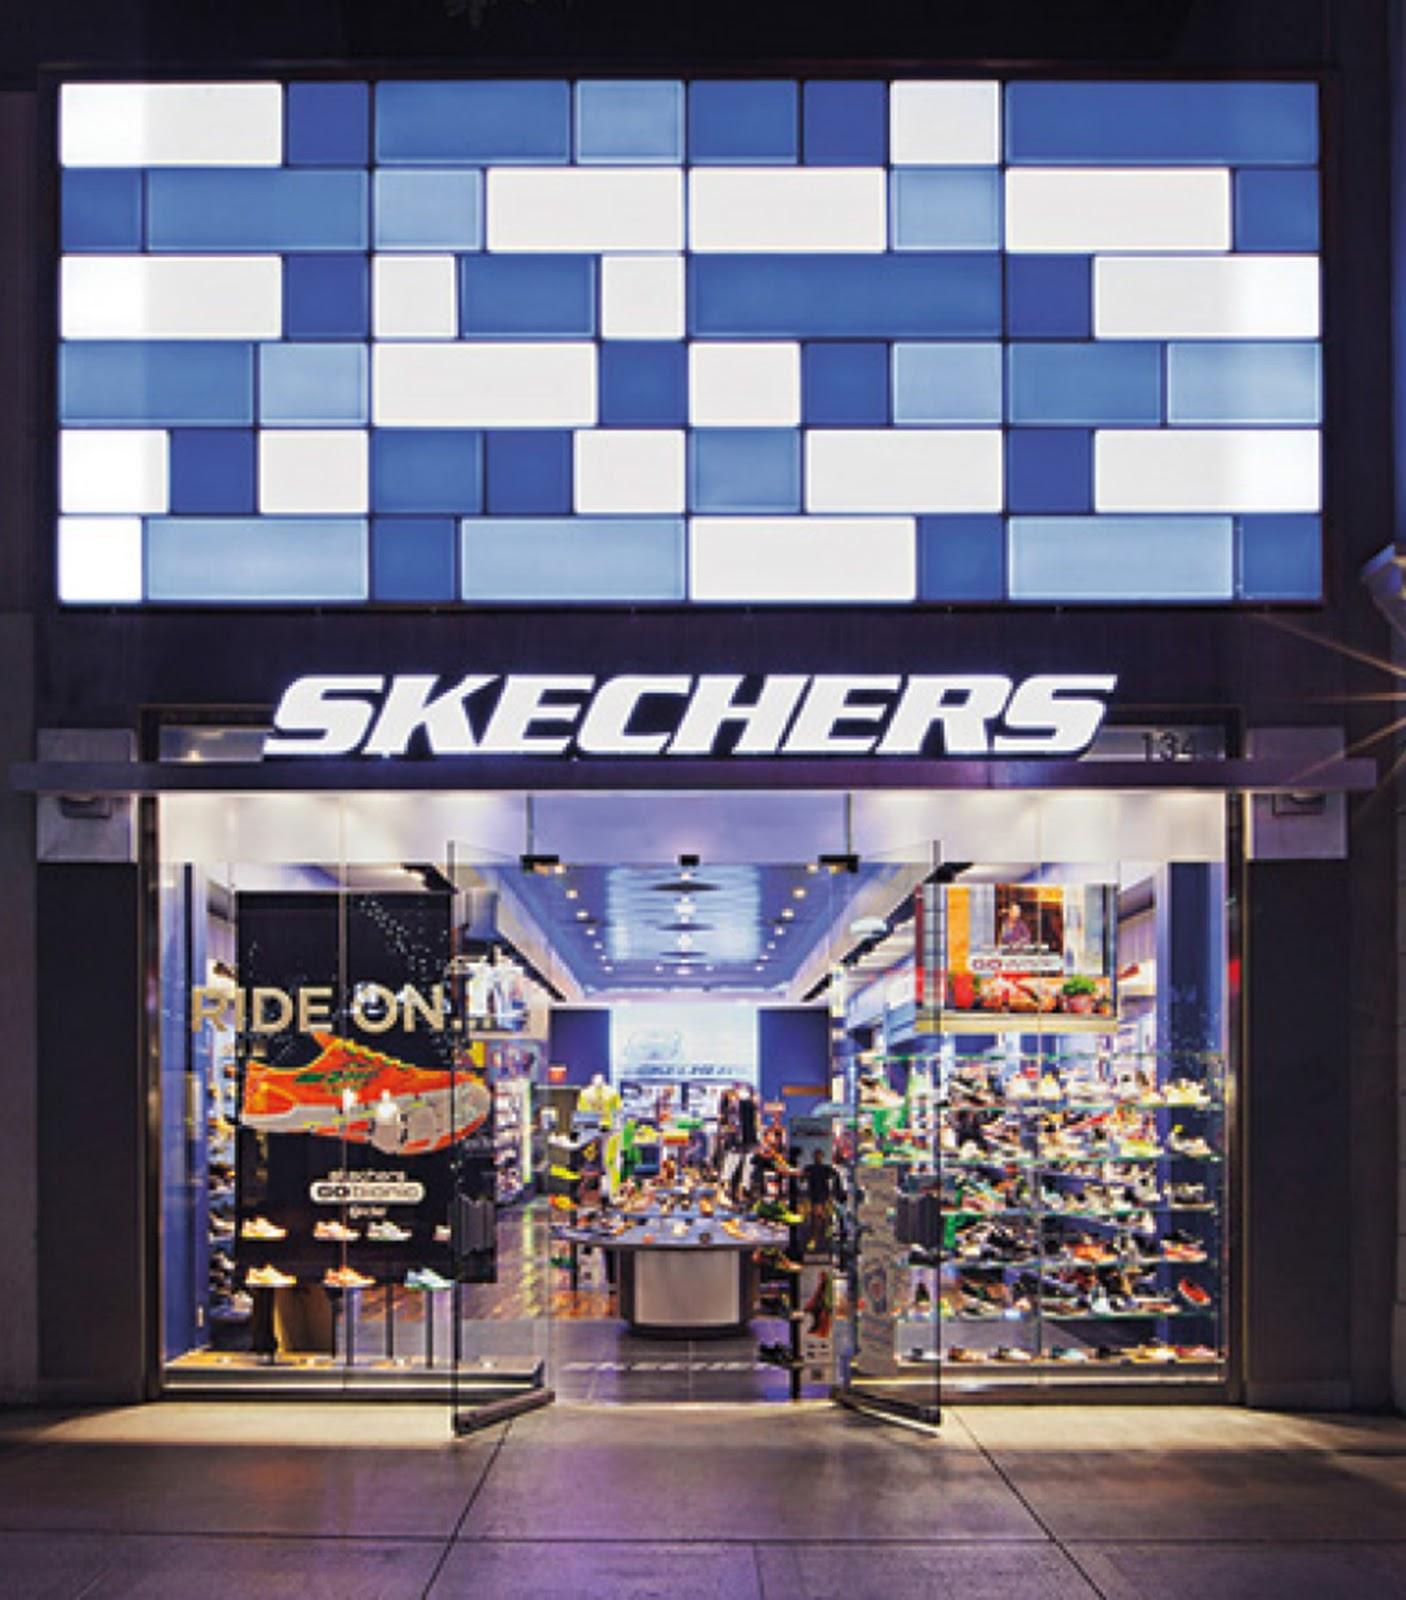 05550c3d0 ... novas lojas foram abertas em cinco continentes. Apesar da situação  econômica na Europa